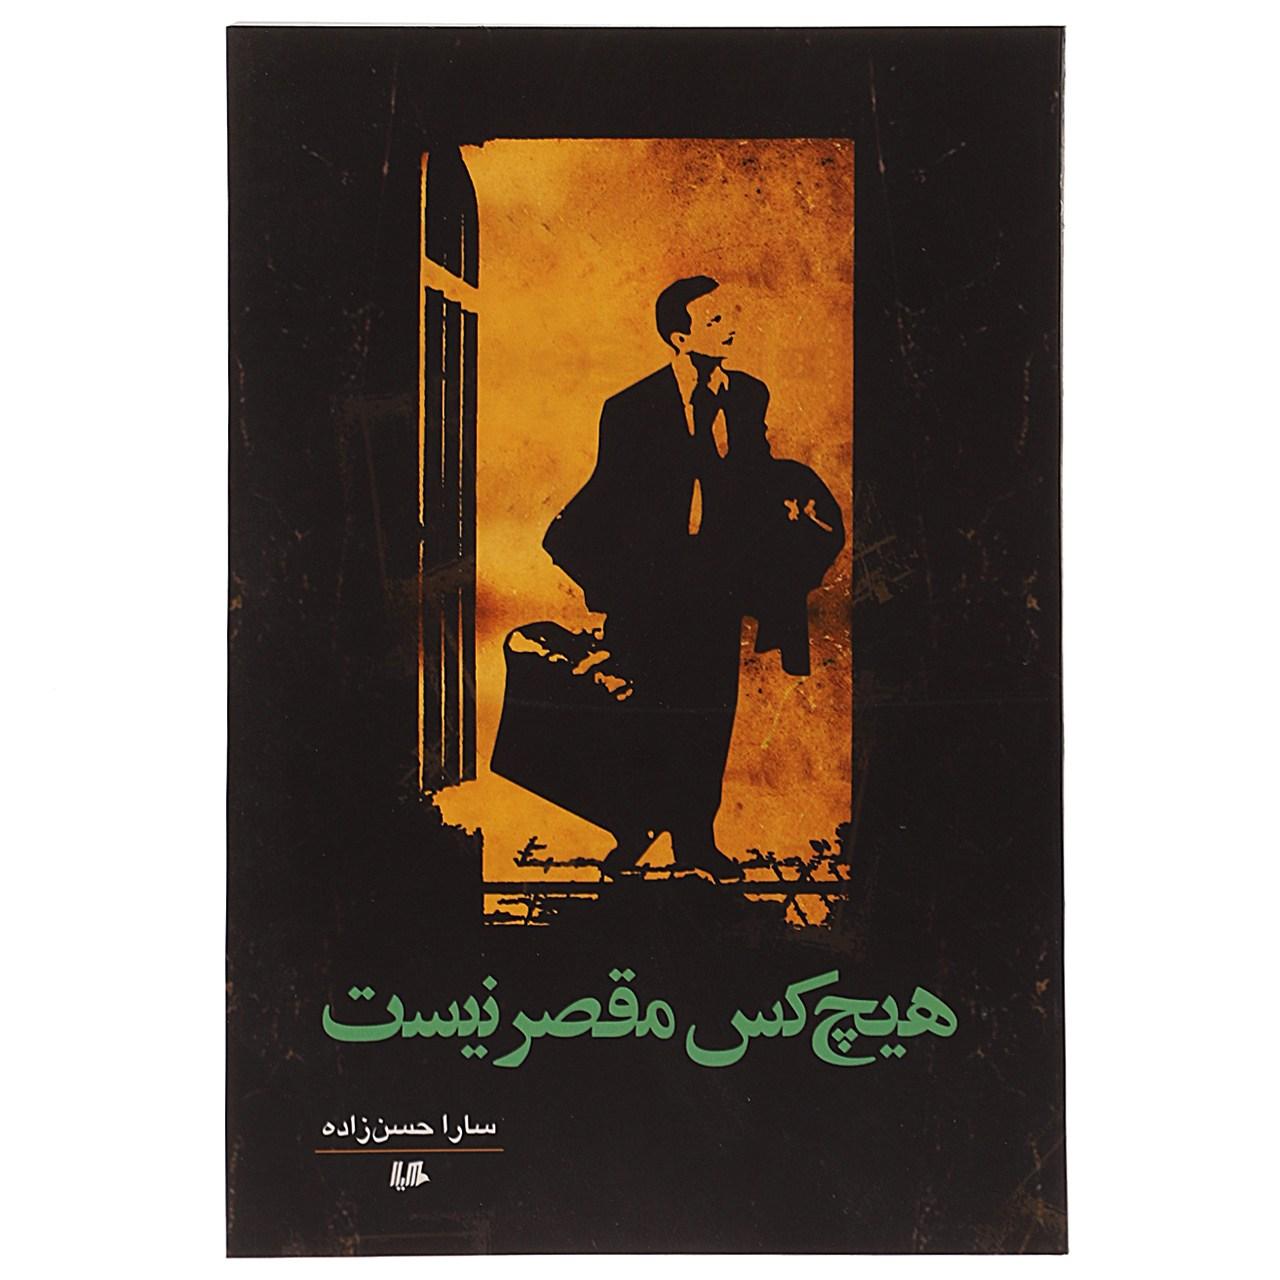 کتاب هیچ کس مقصر نیست اثر سارا حسن زاده